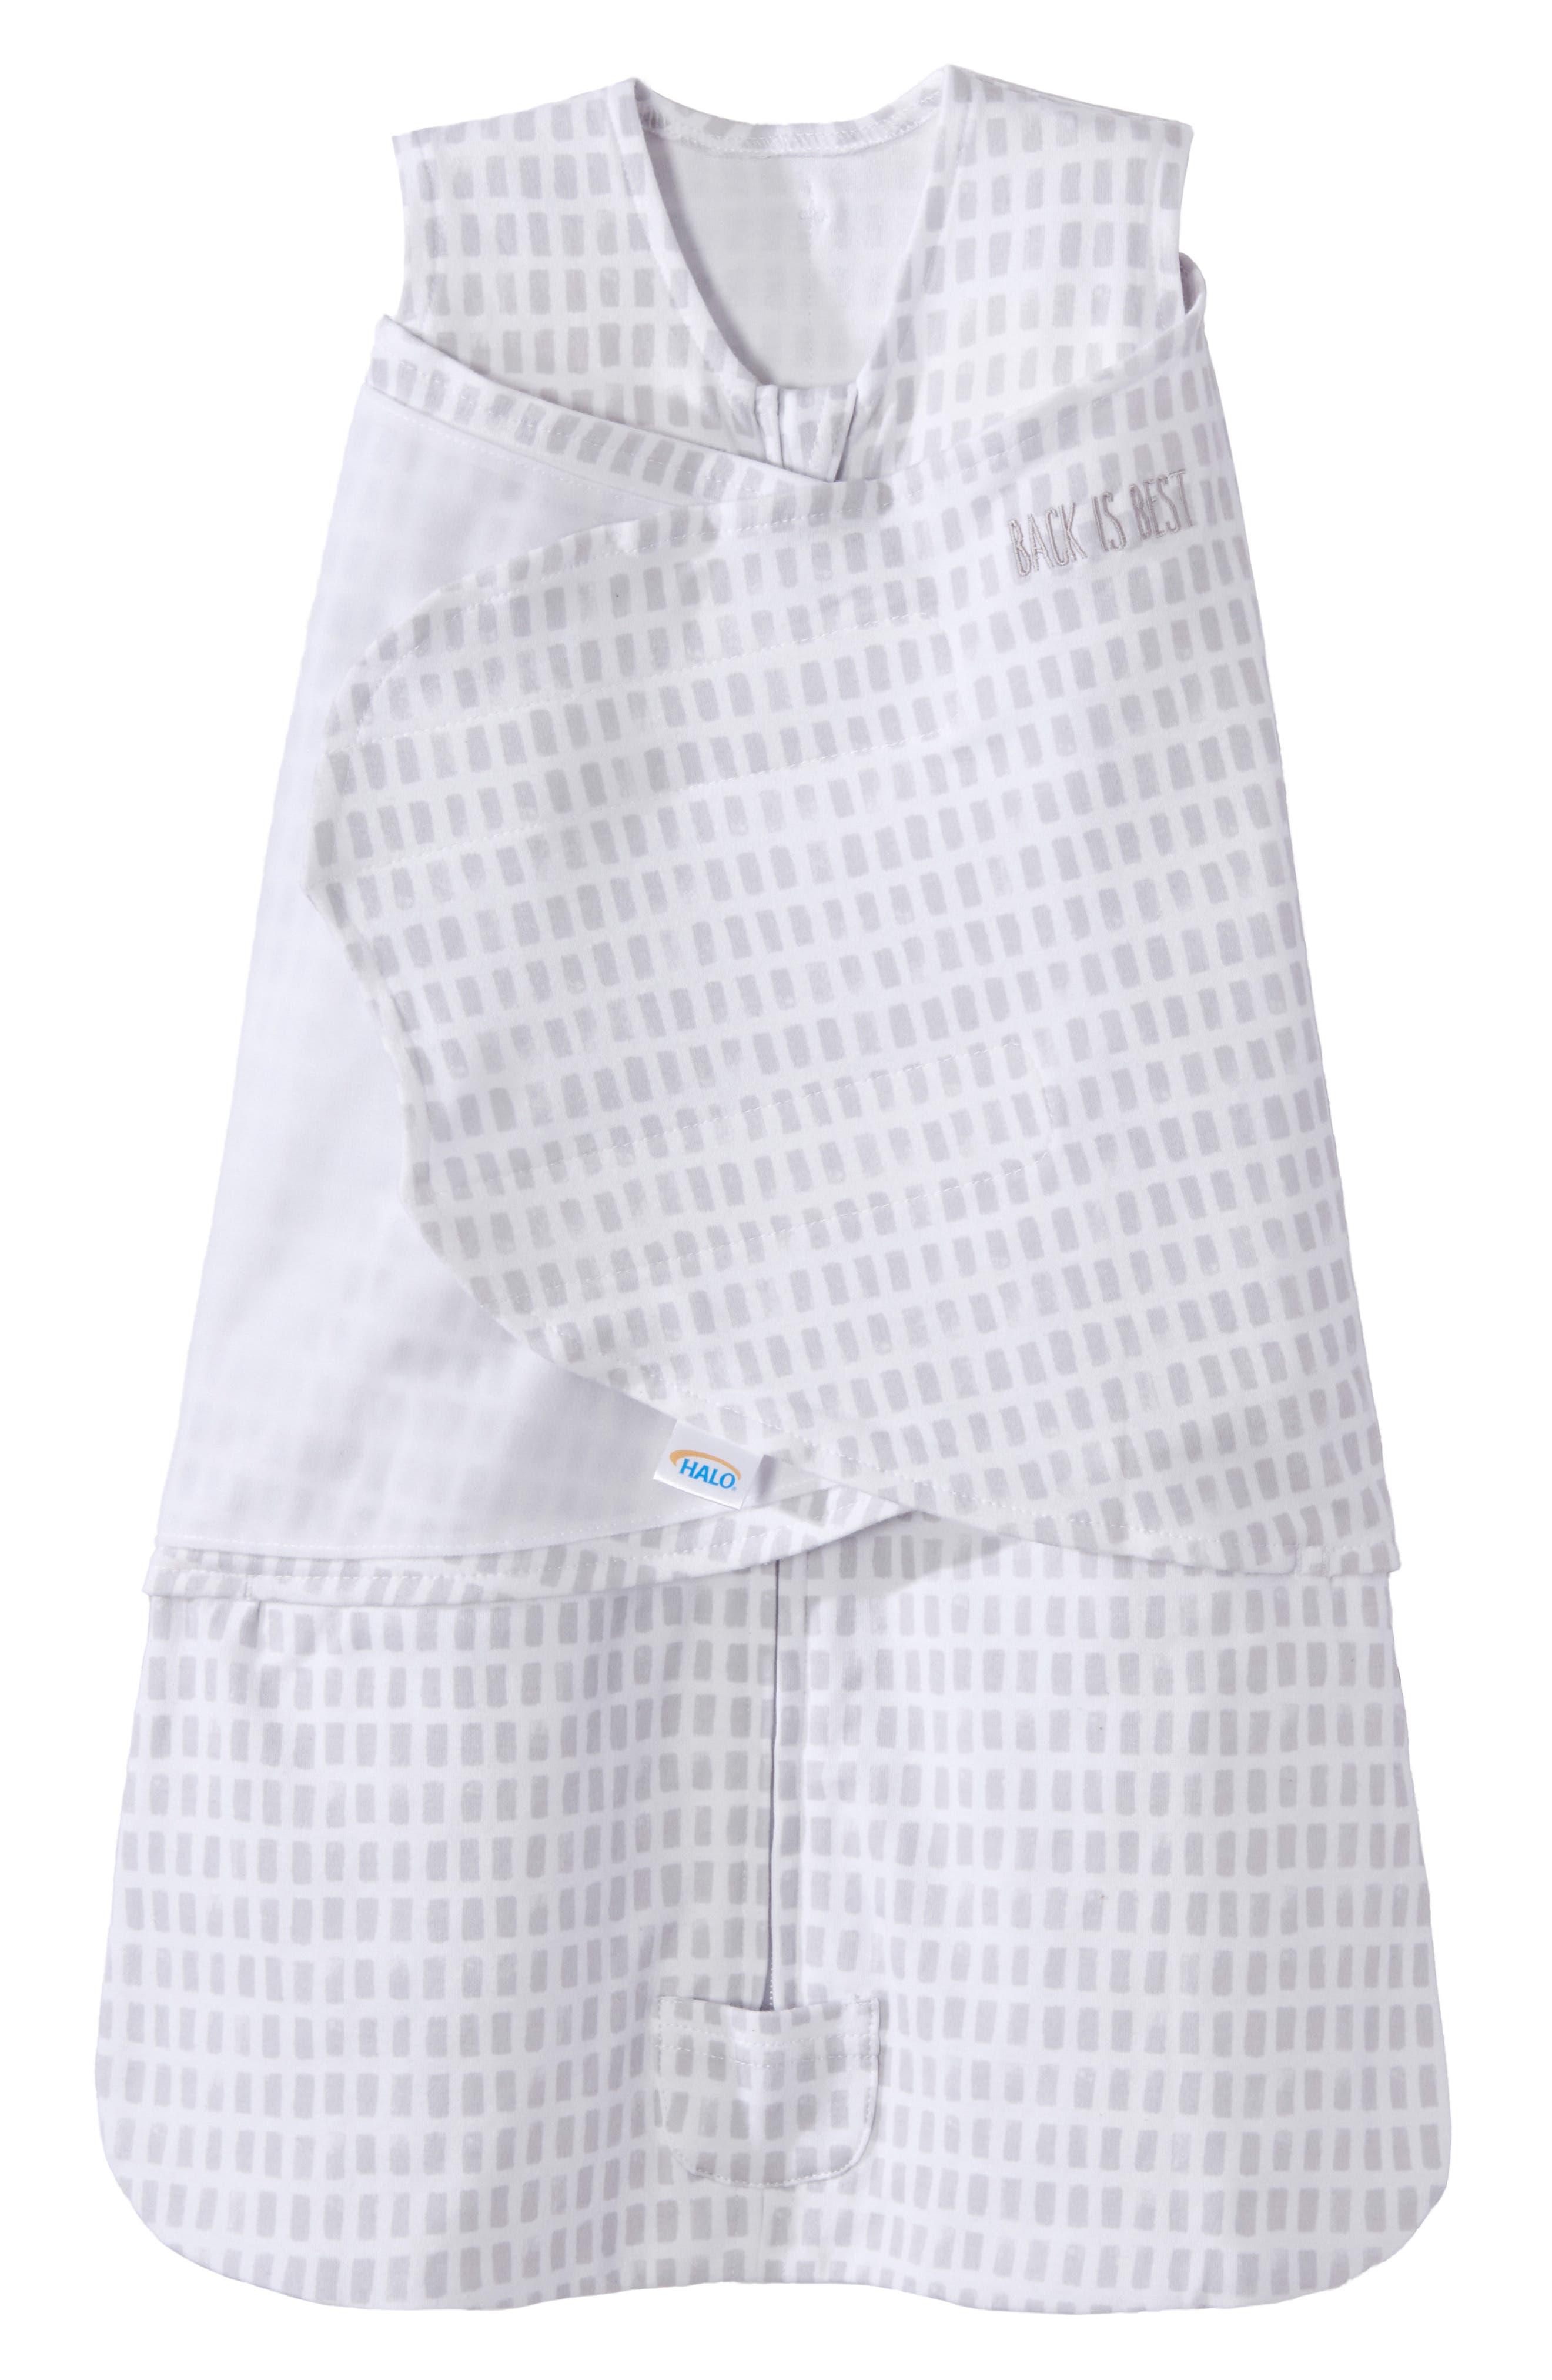 Halo Platinum Series Sleepsack(TM) Swaddle Size 36 M  Grey